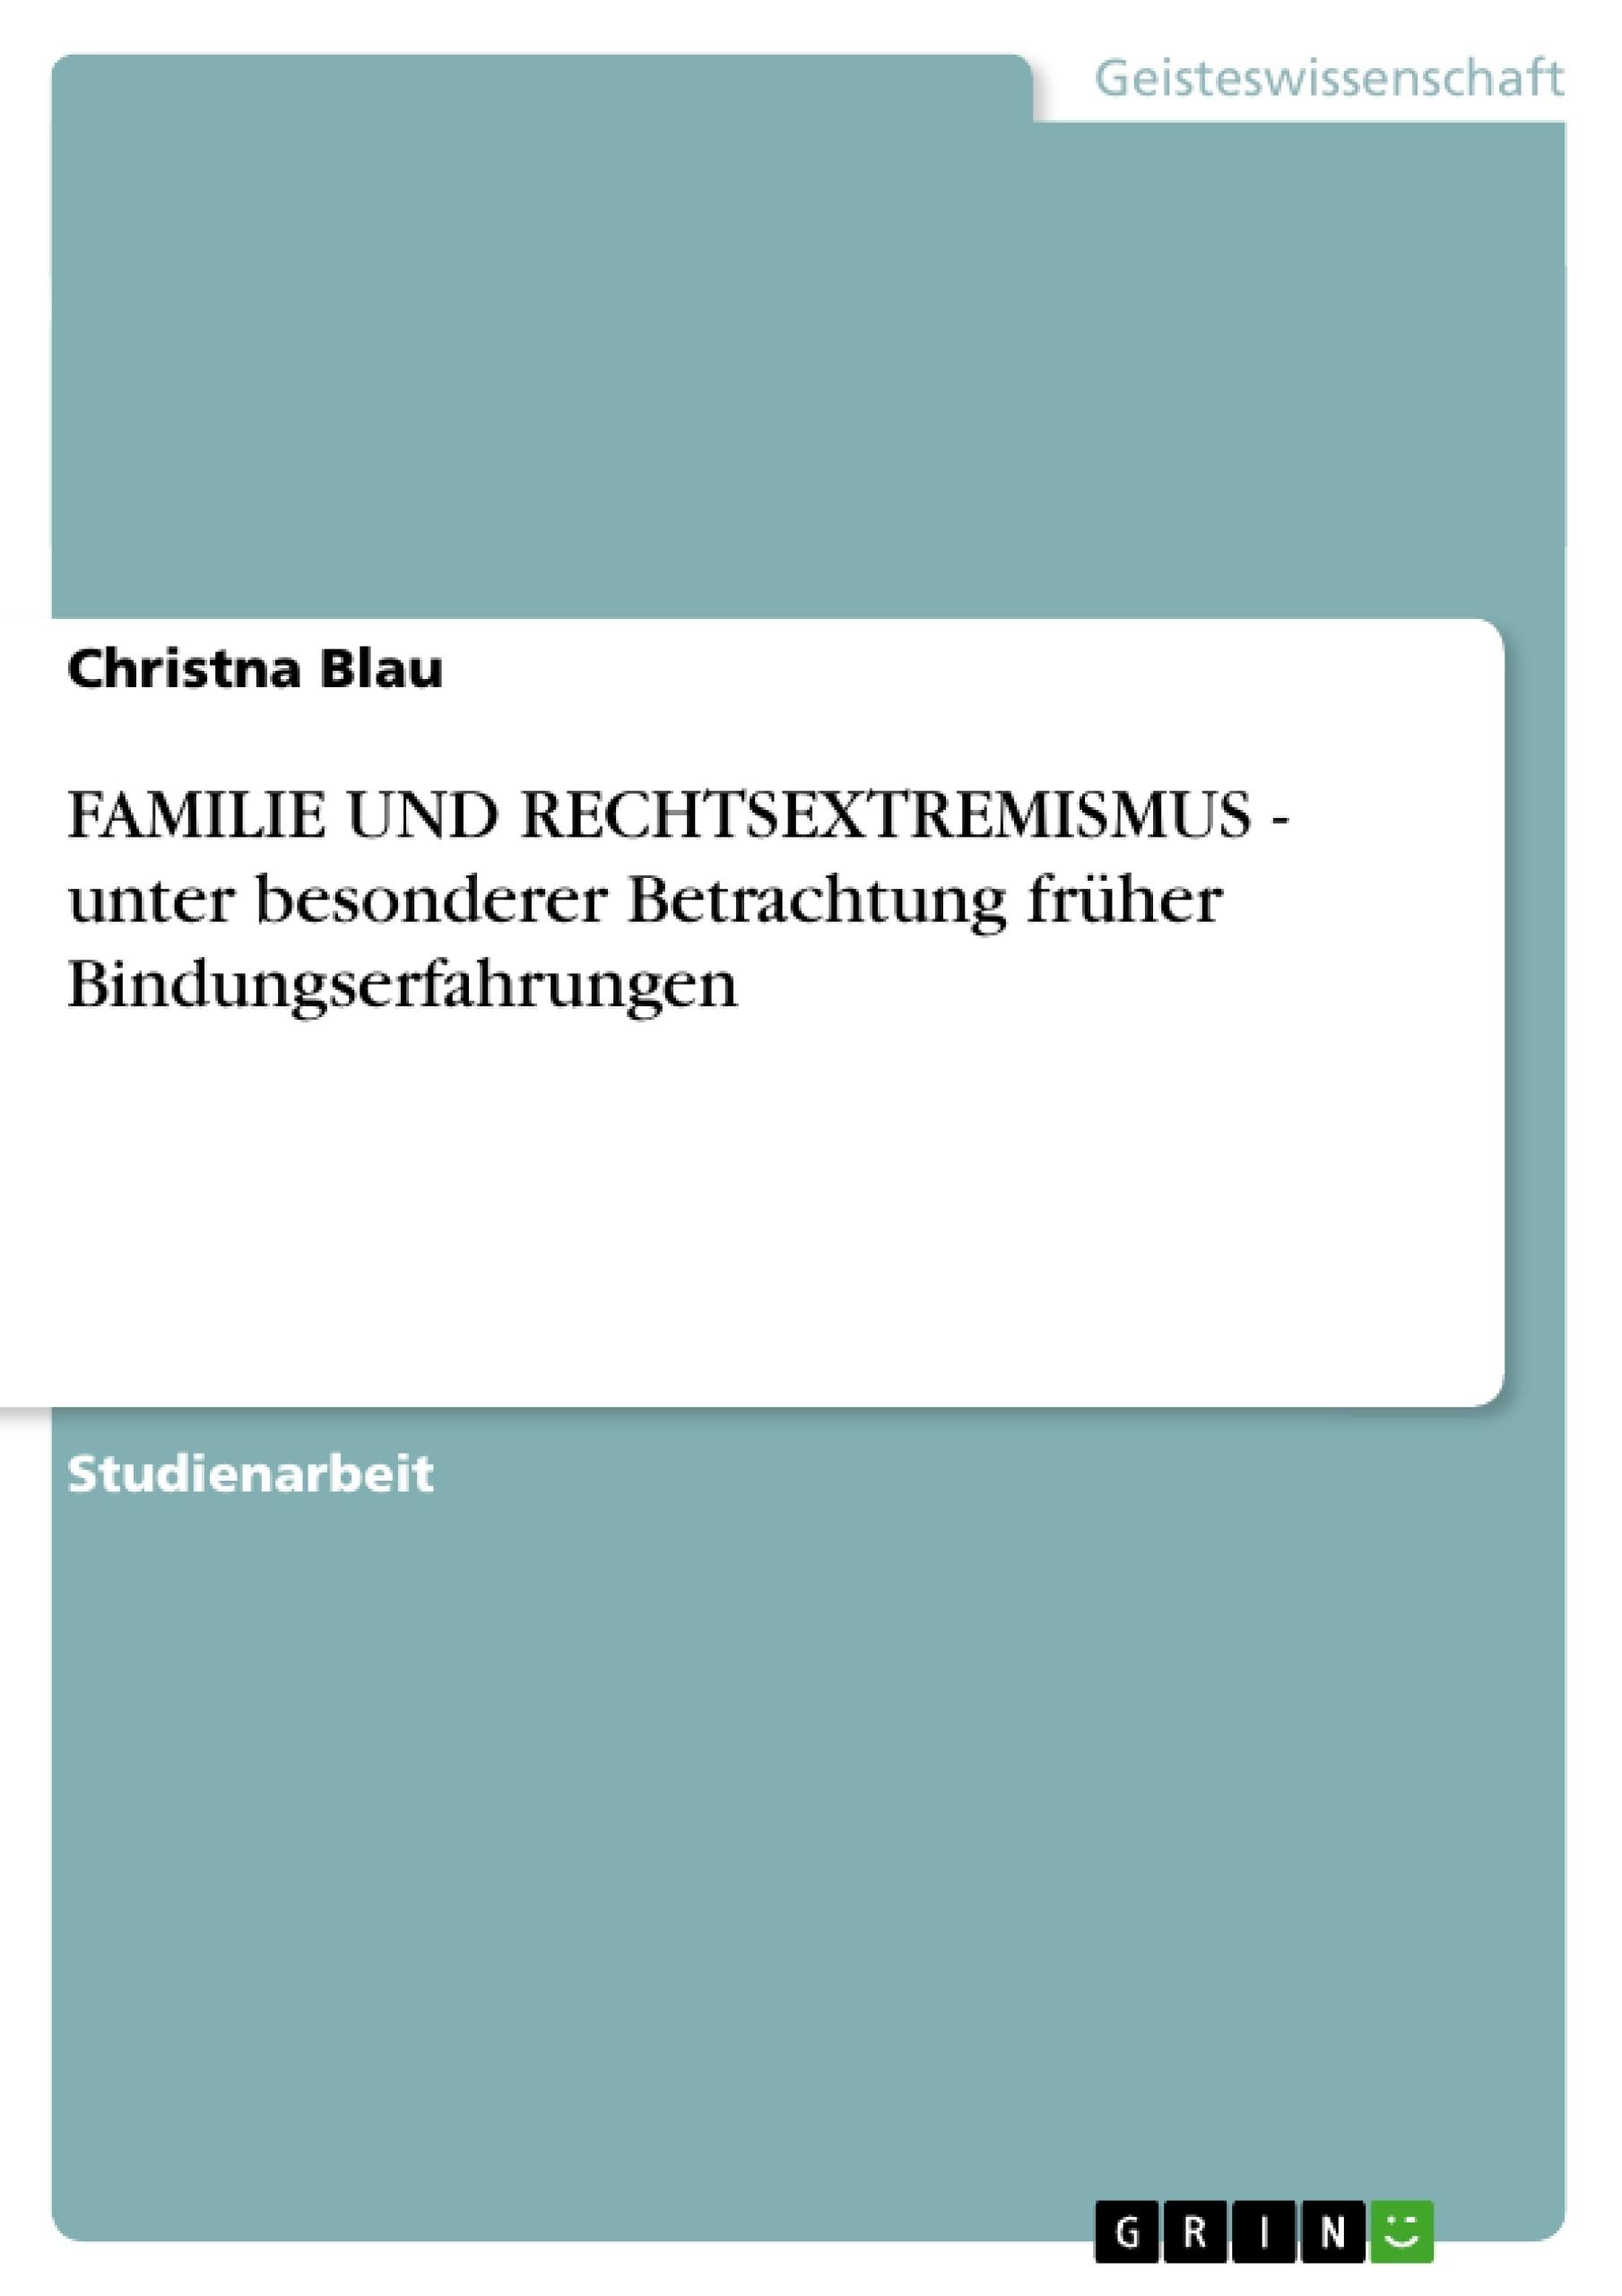 Titel: FAMILIE UND RECHTSEXTREMISMUS - unter besonderer Betrachtung früher Bindungserfahrungen